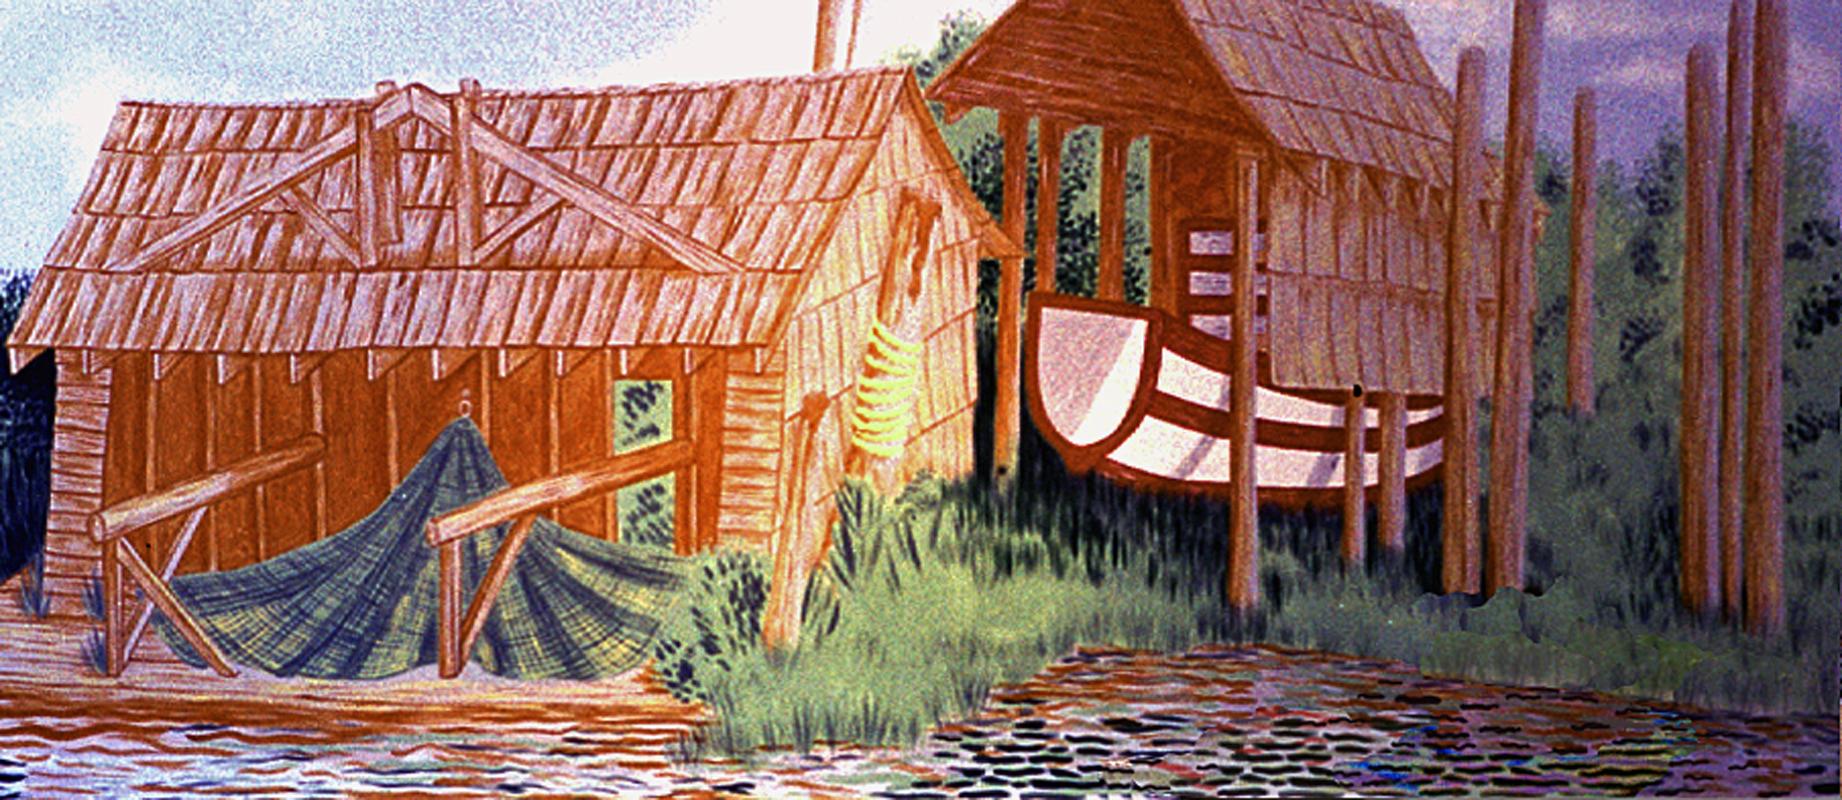 Finn Slough, 1997 acrylic on drywall 8' x 20'